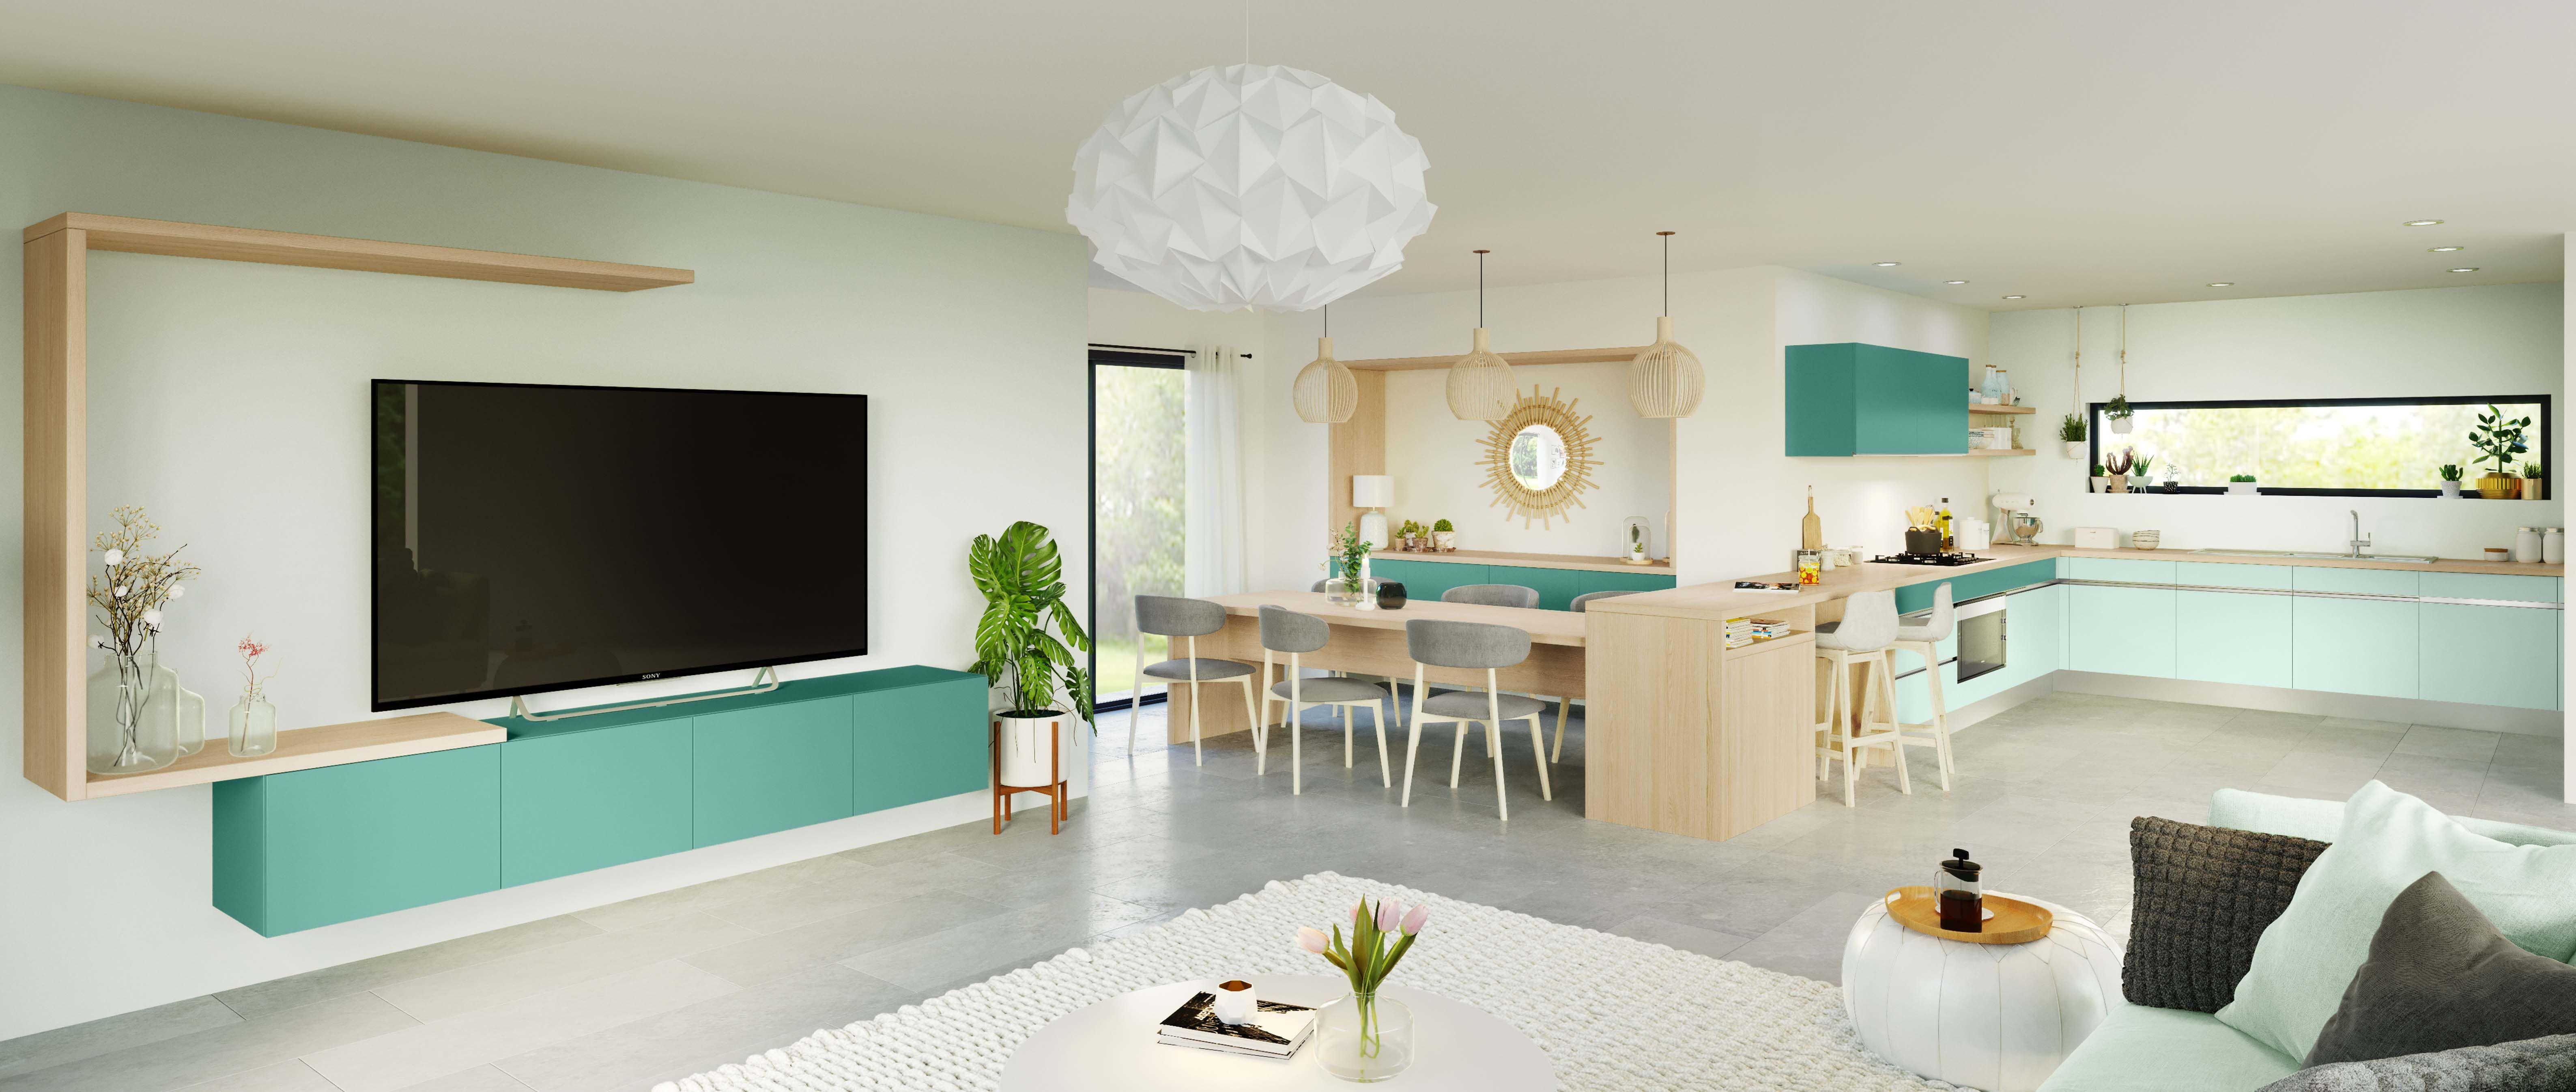 Nos Cuisines Design Moderne Bois Avec Ilot Decoration